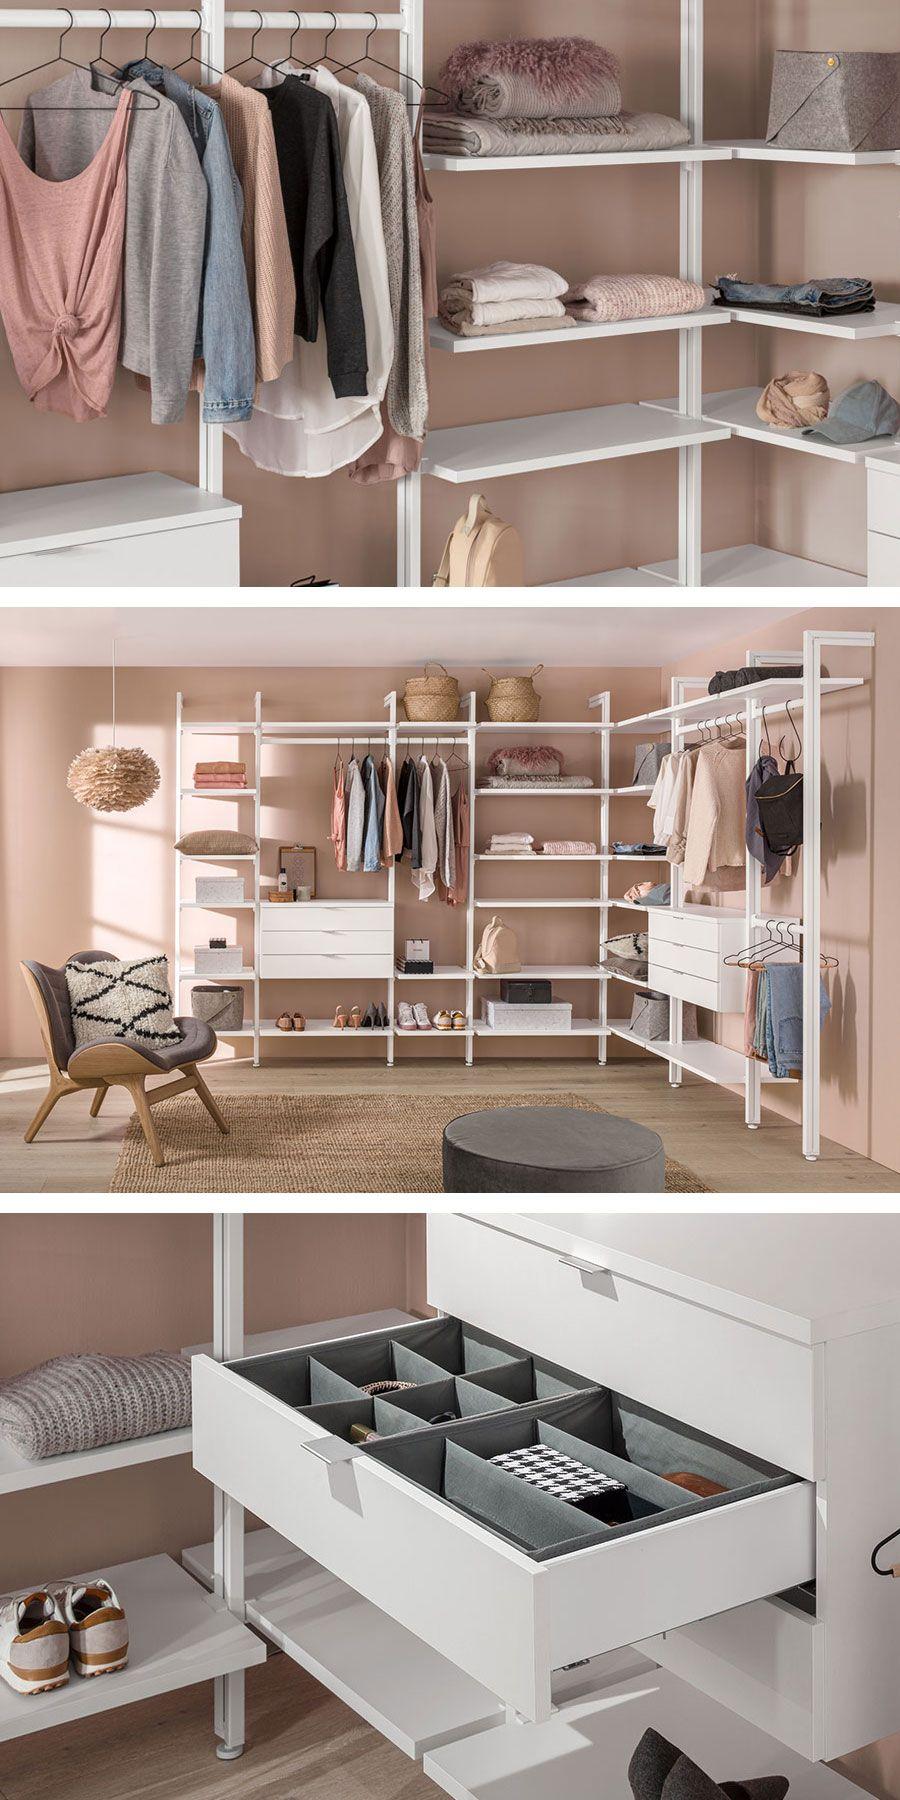 Begehbarer Kleiderschrank Clos It Fur Dachschrage Und Ankleidezimmer In 2020 Ankleide Zimmer Ankleidezimmer Begehbarer Kleiderschrank